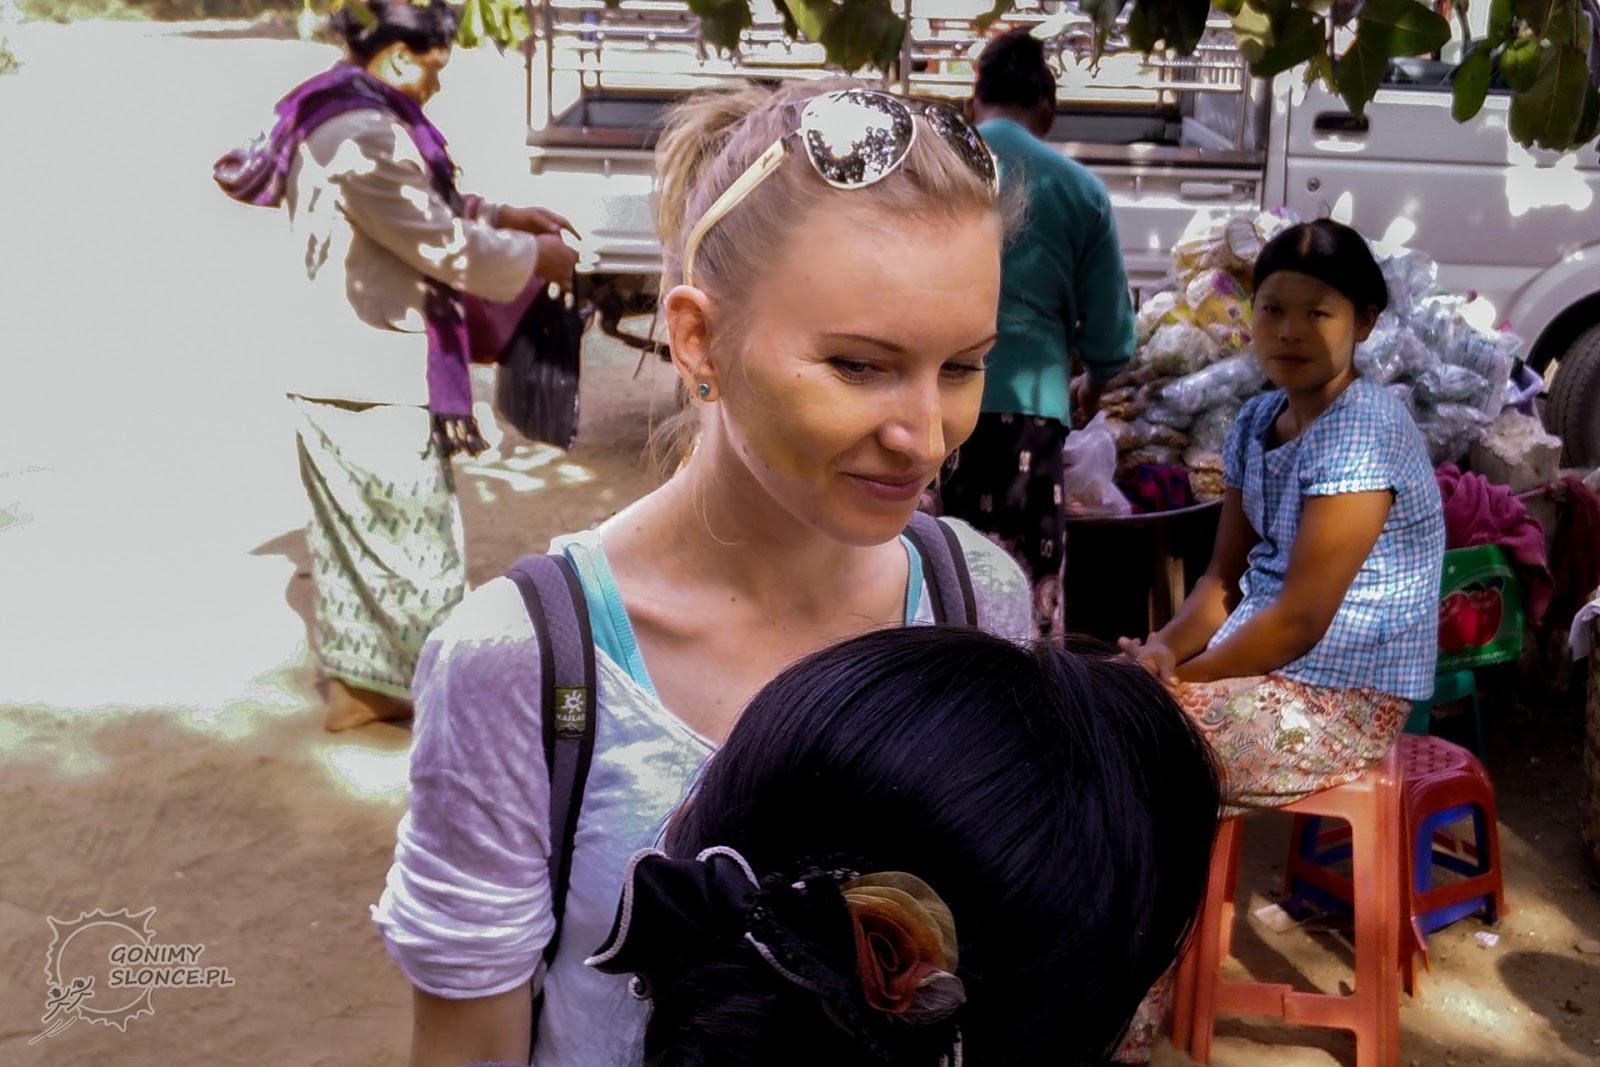 Biała kobieta i thanaka, makijaż inaczej, birmański make up